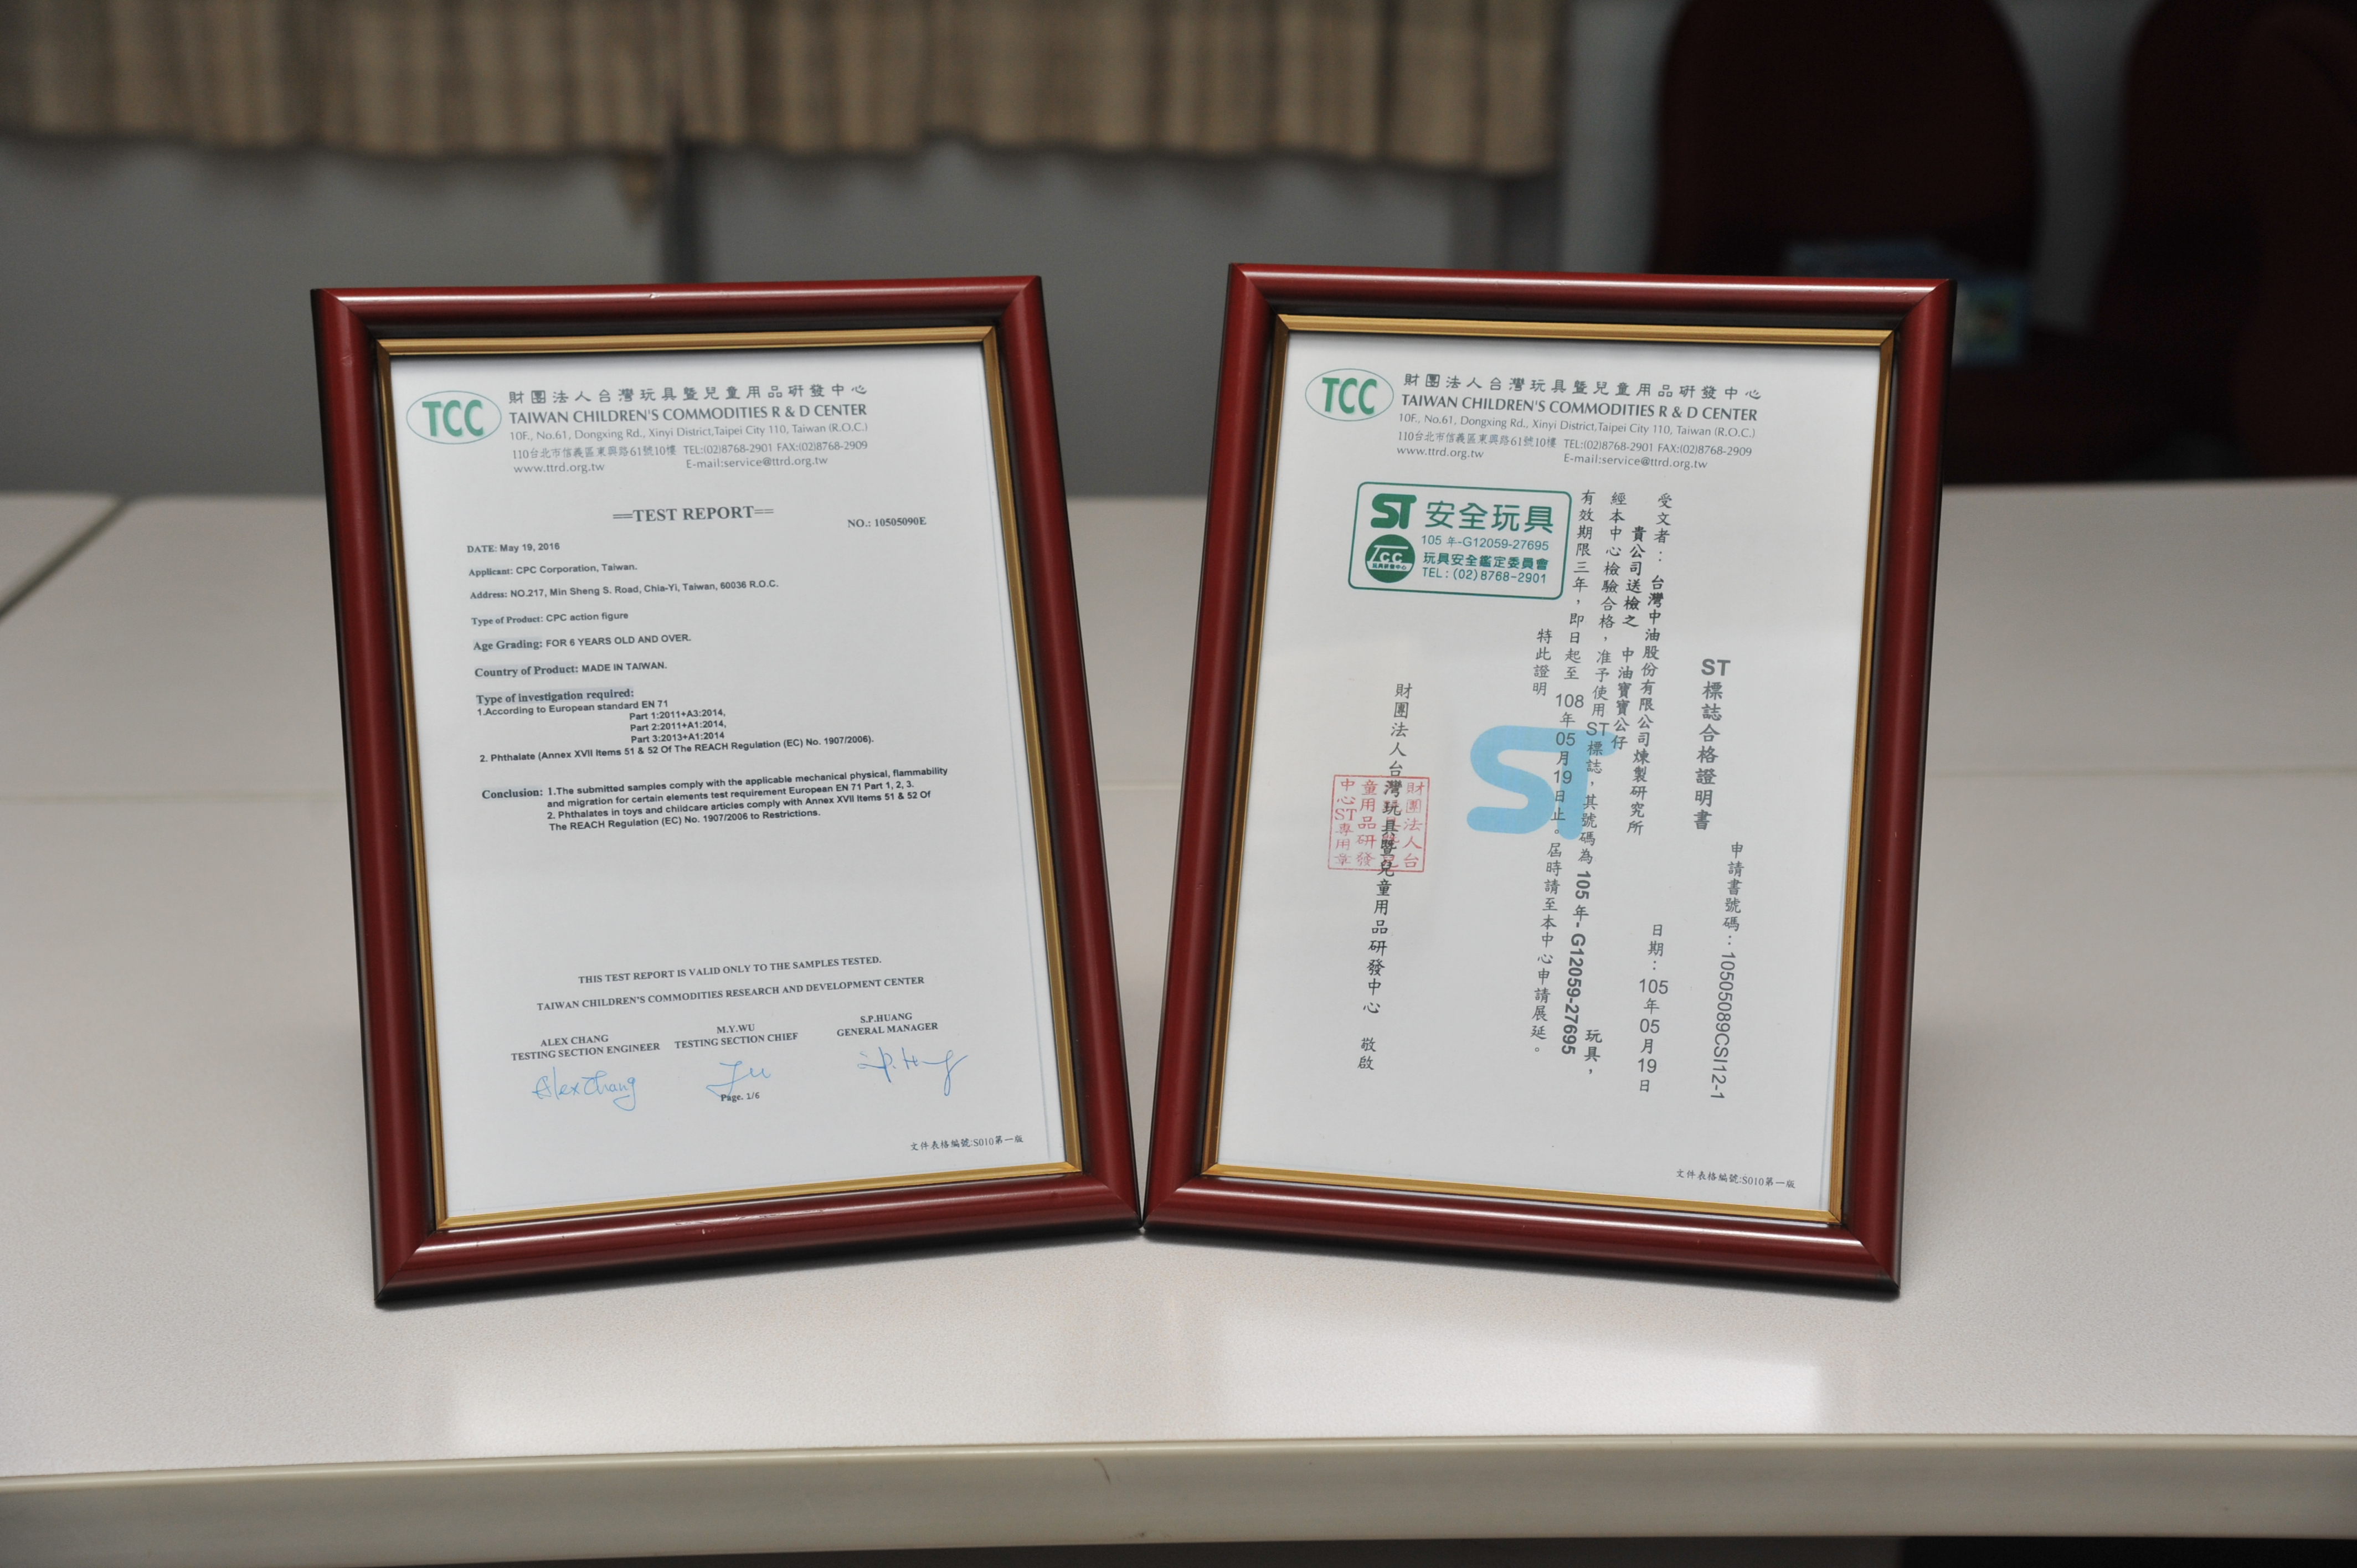 中油寶寶公仔經財團法人台灣玩具暨兒童用品研發中心的檢驗,獲得安全玩具,ST的認證,(號碼:105年-G12059-27695)及通過歐洲玩具檢驗標準 EN-71的檢驗之證明文件